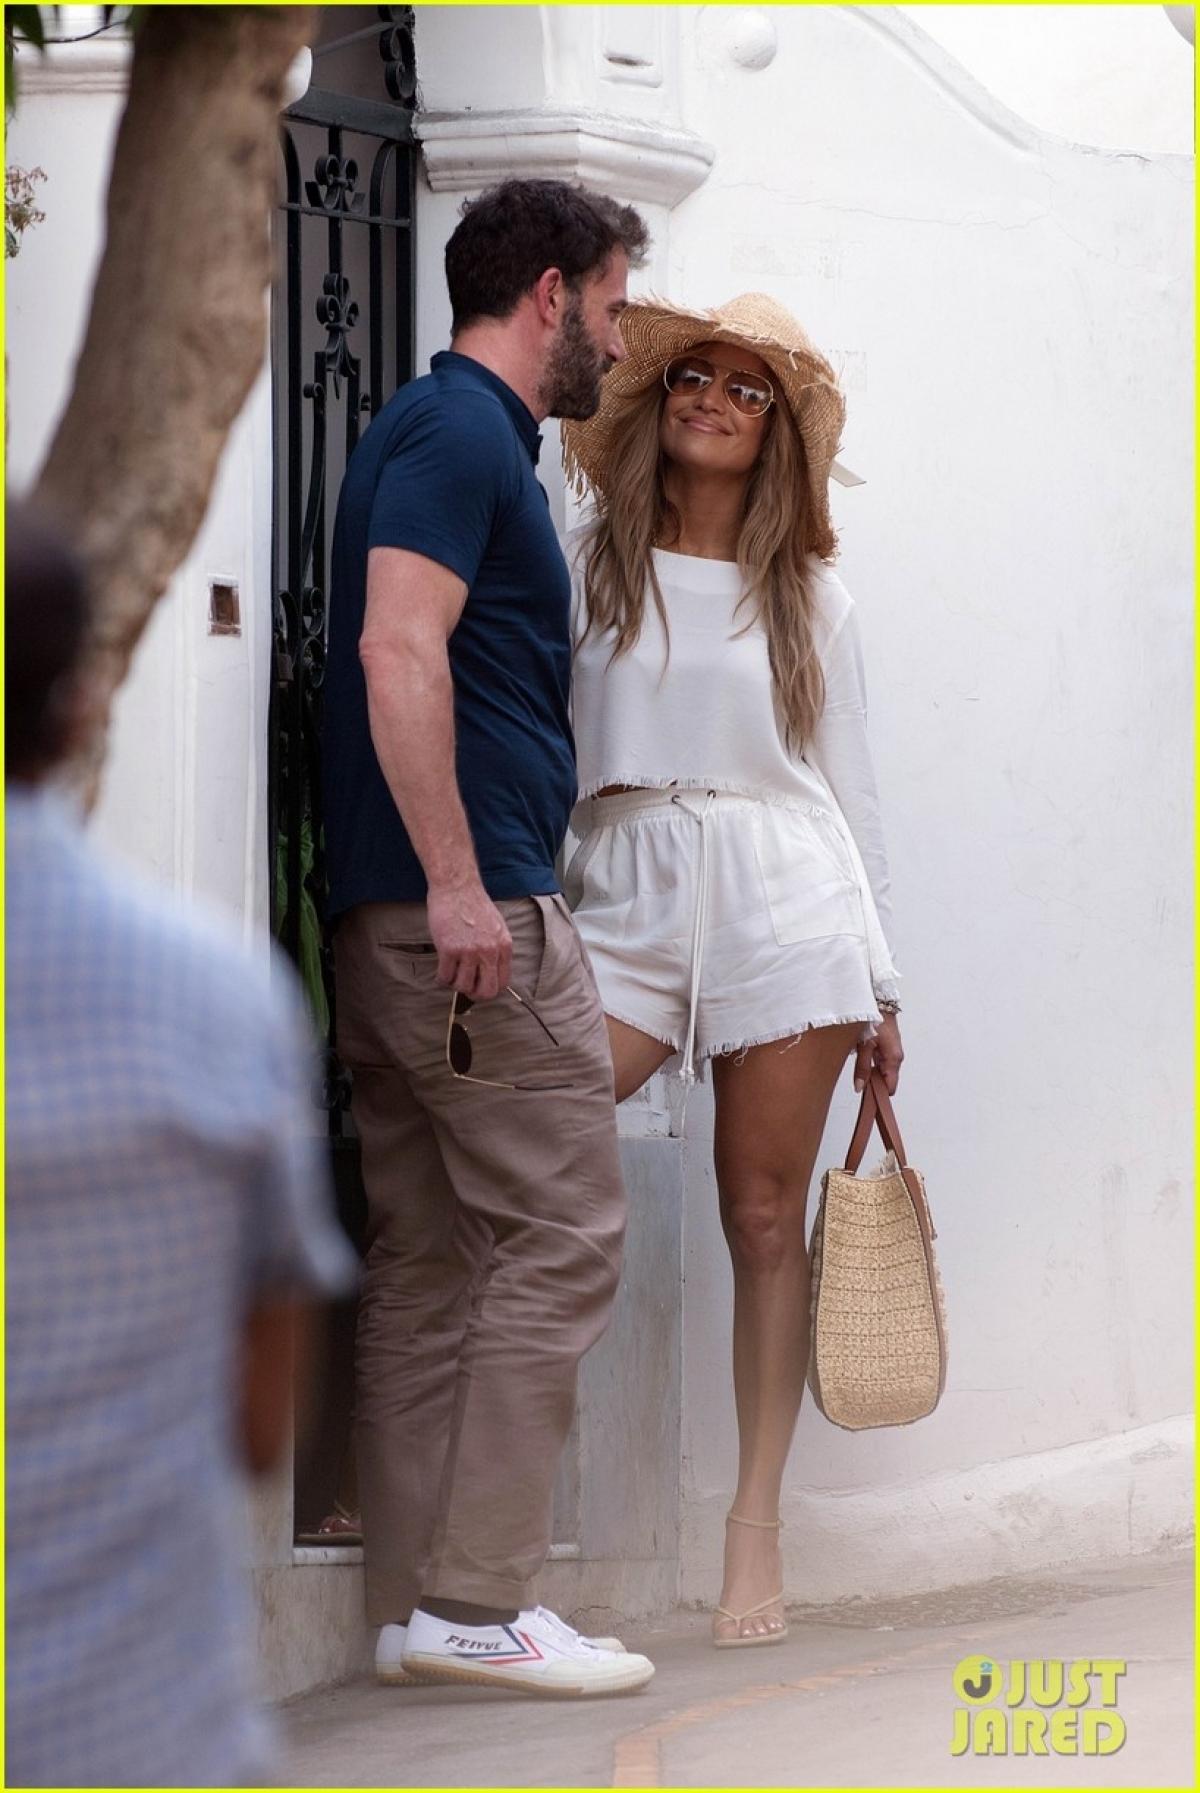 Ben Affleck và Jennifer Lopez đang tận hưởng kỳ nghỉ dưỡng thú vị ở Ý.